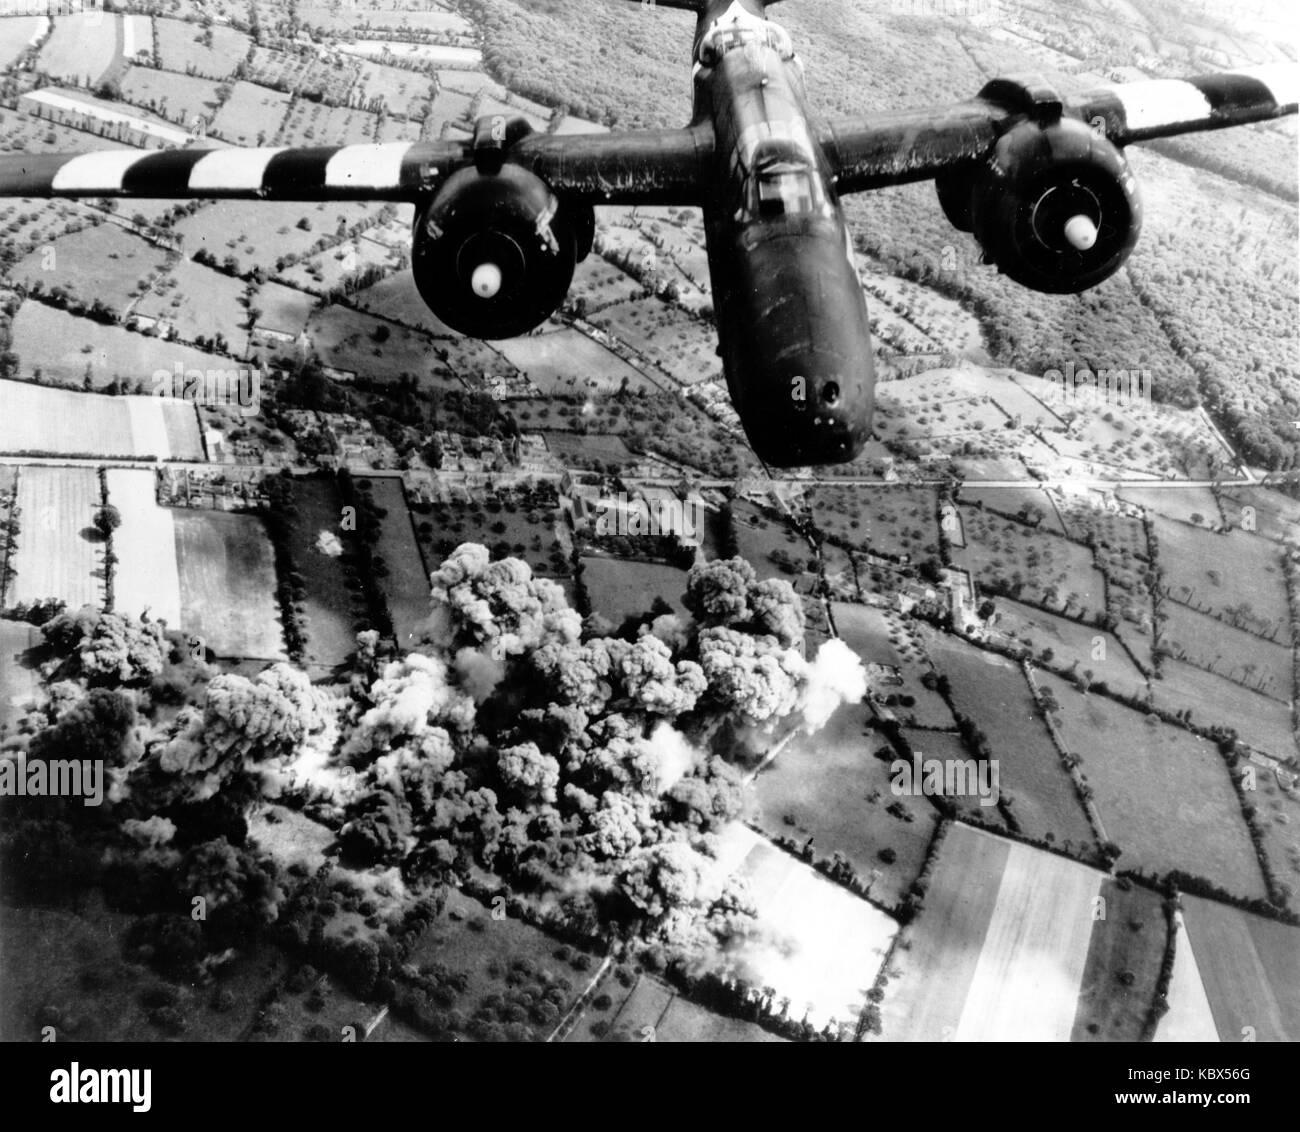 Douglas A-20 Havoc avión bombardero americano en acción durante la II Guerra Mundial Foto de stock